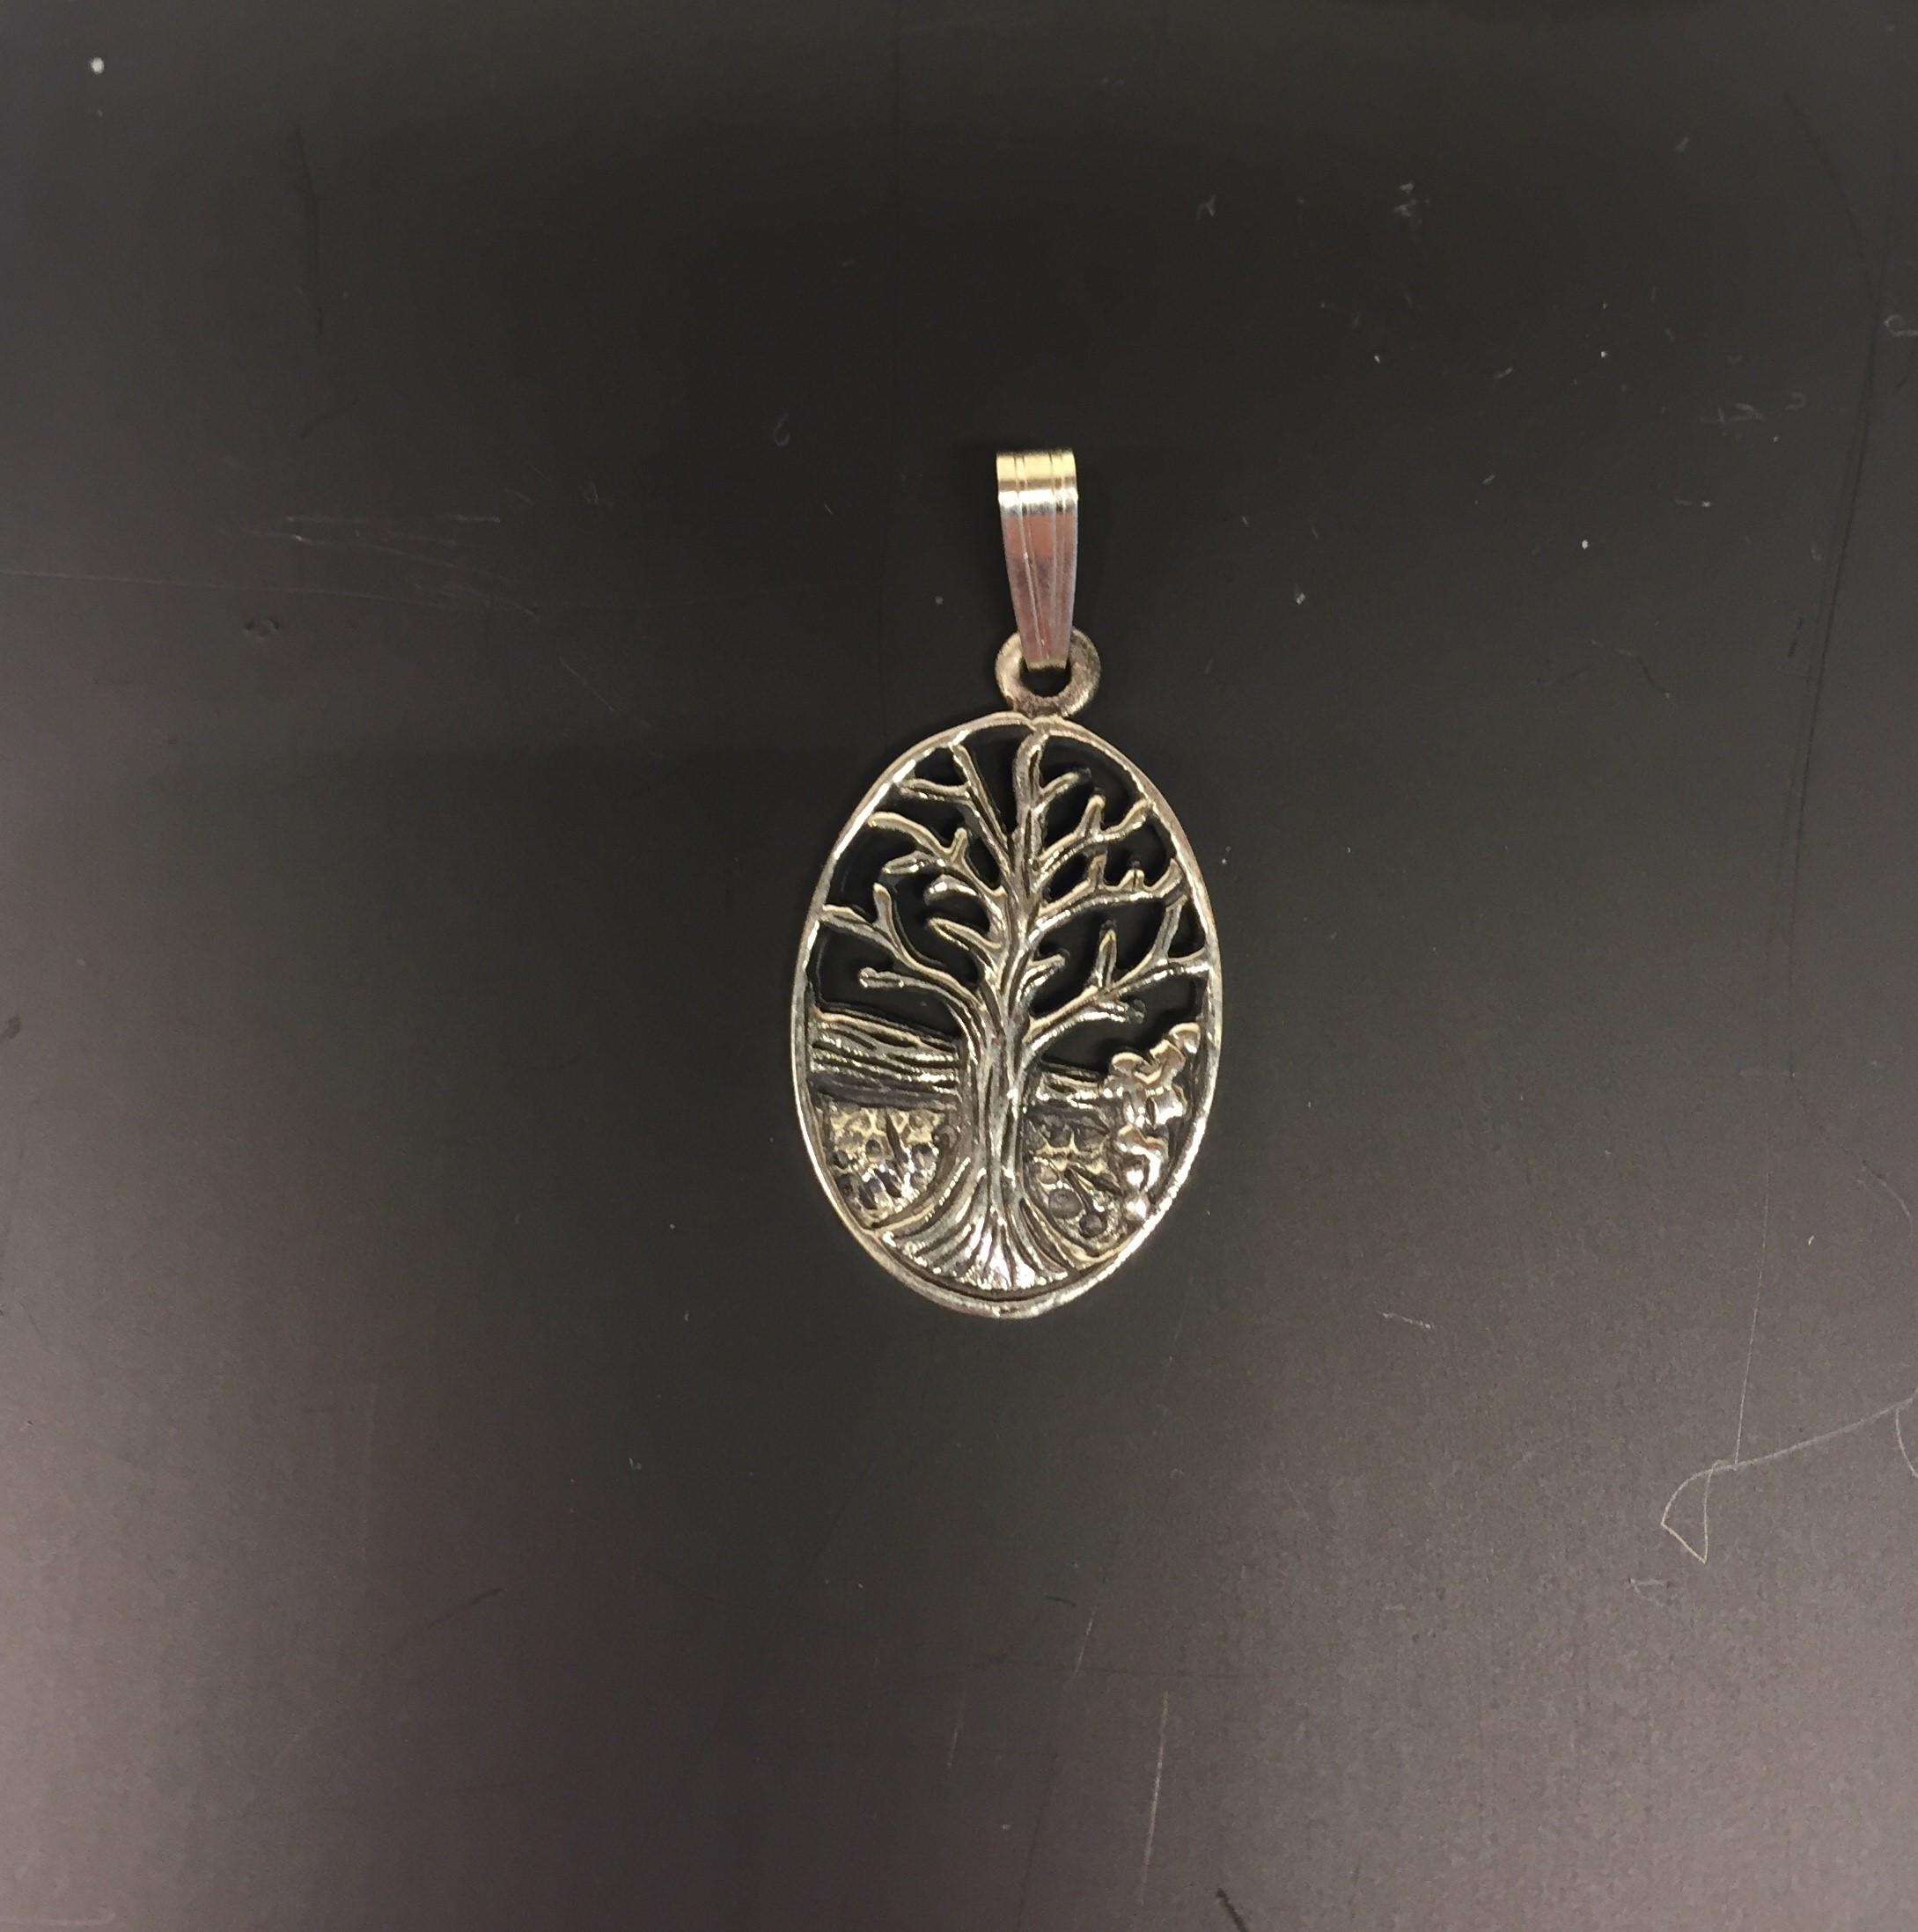 d1700b31aa9 Vikinge vedhæng sølv – Livets træ Yggdrasil lille oval